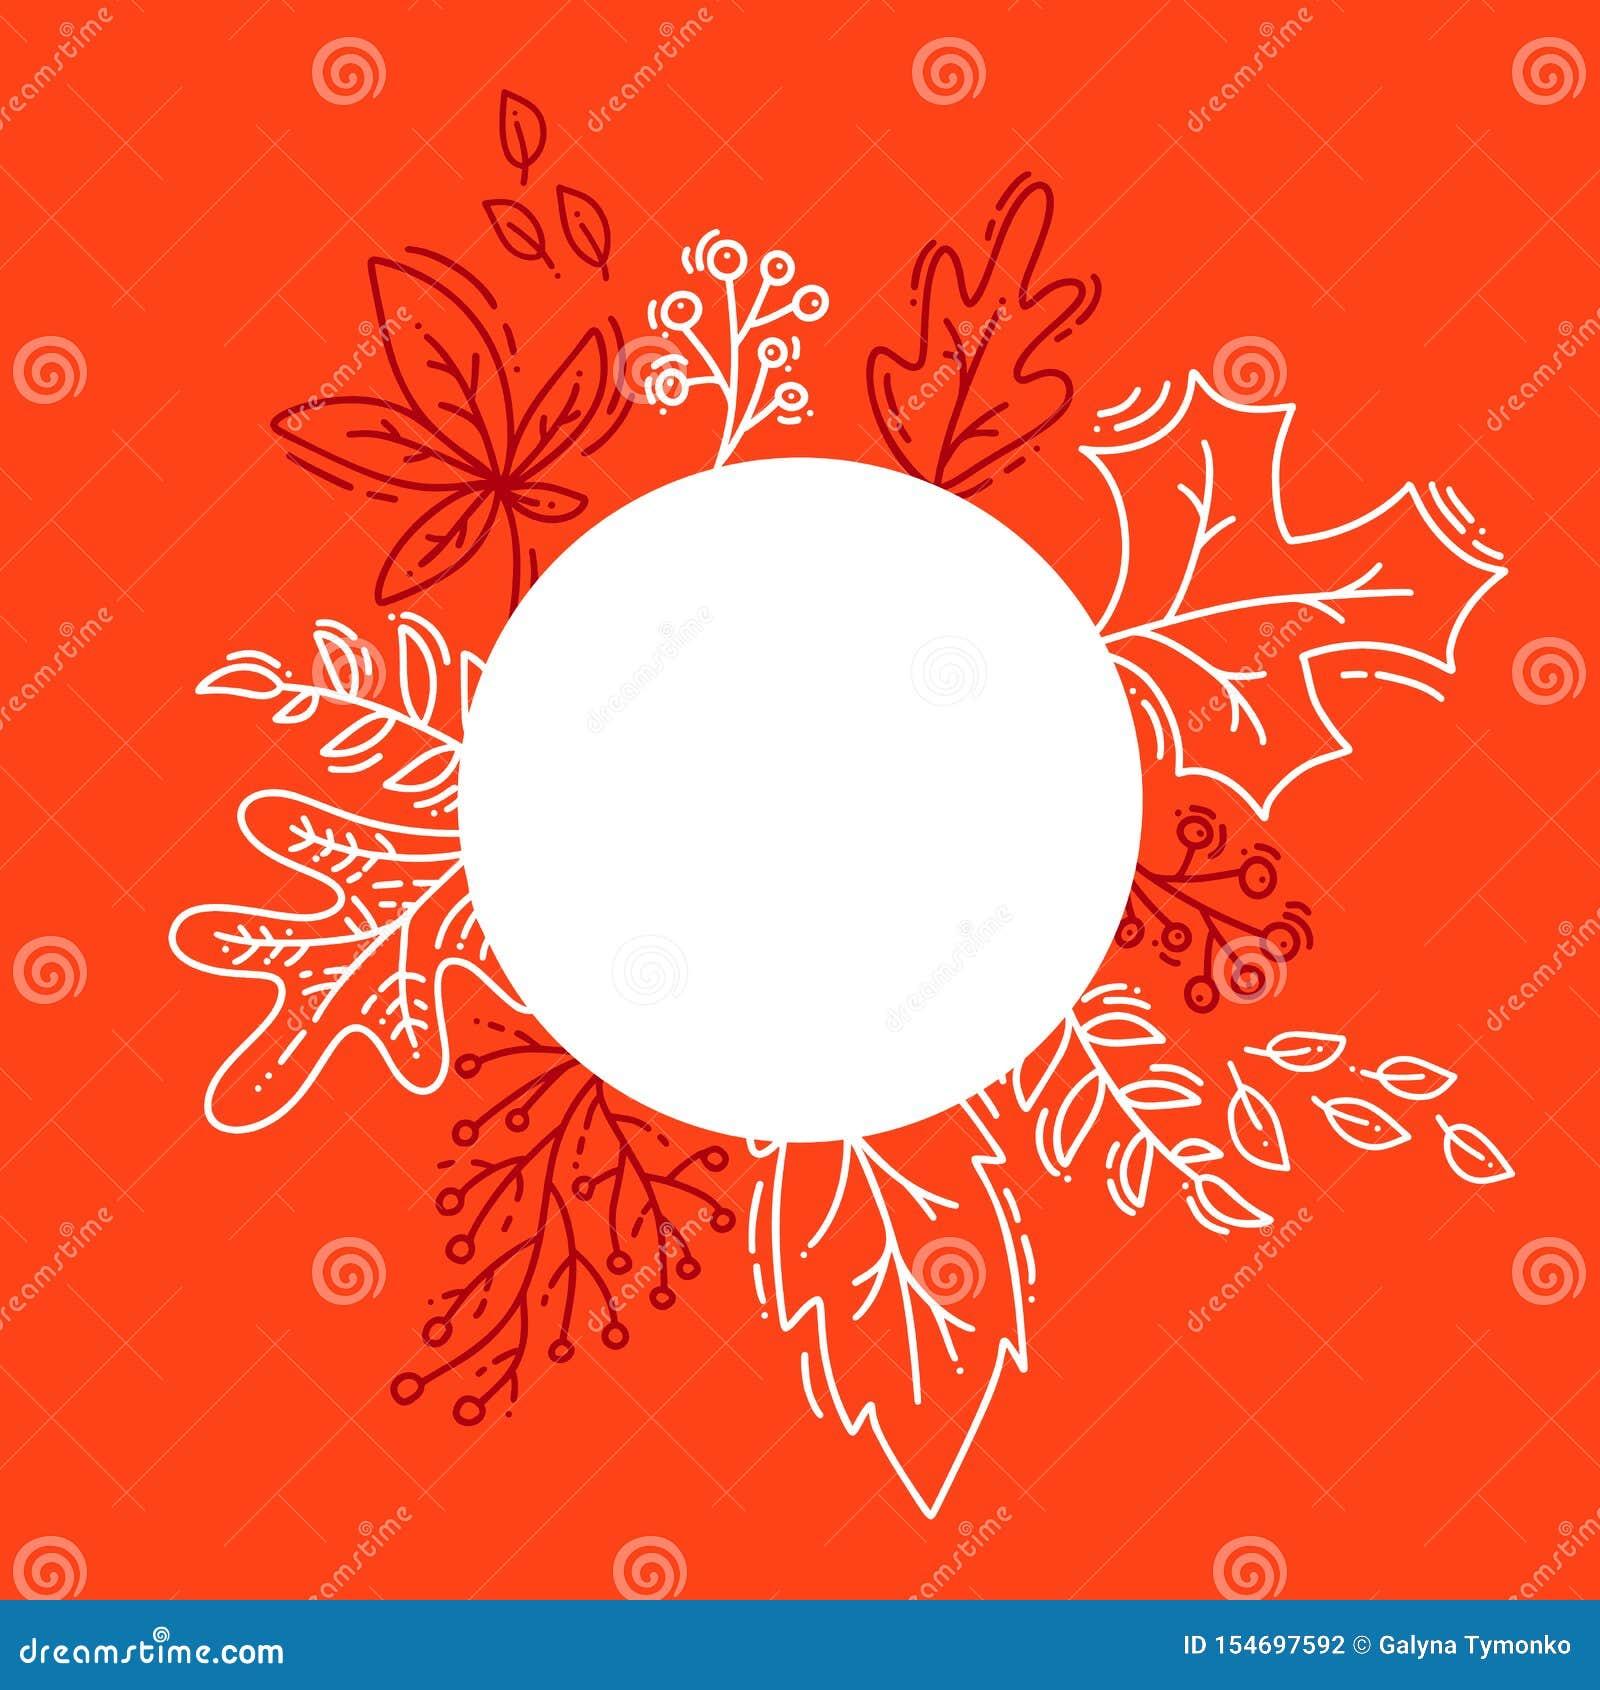 Предпосылка осени иллюстрации вектора, листья дерева, оранжевый фон, дизайн для знамени сезона падения, плакат или день благодаре